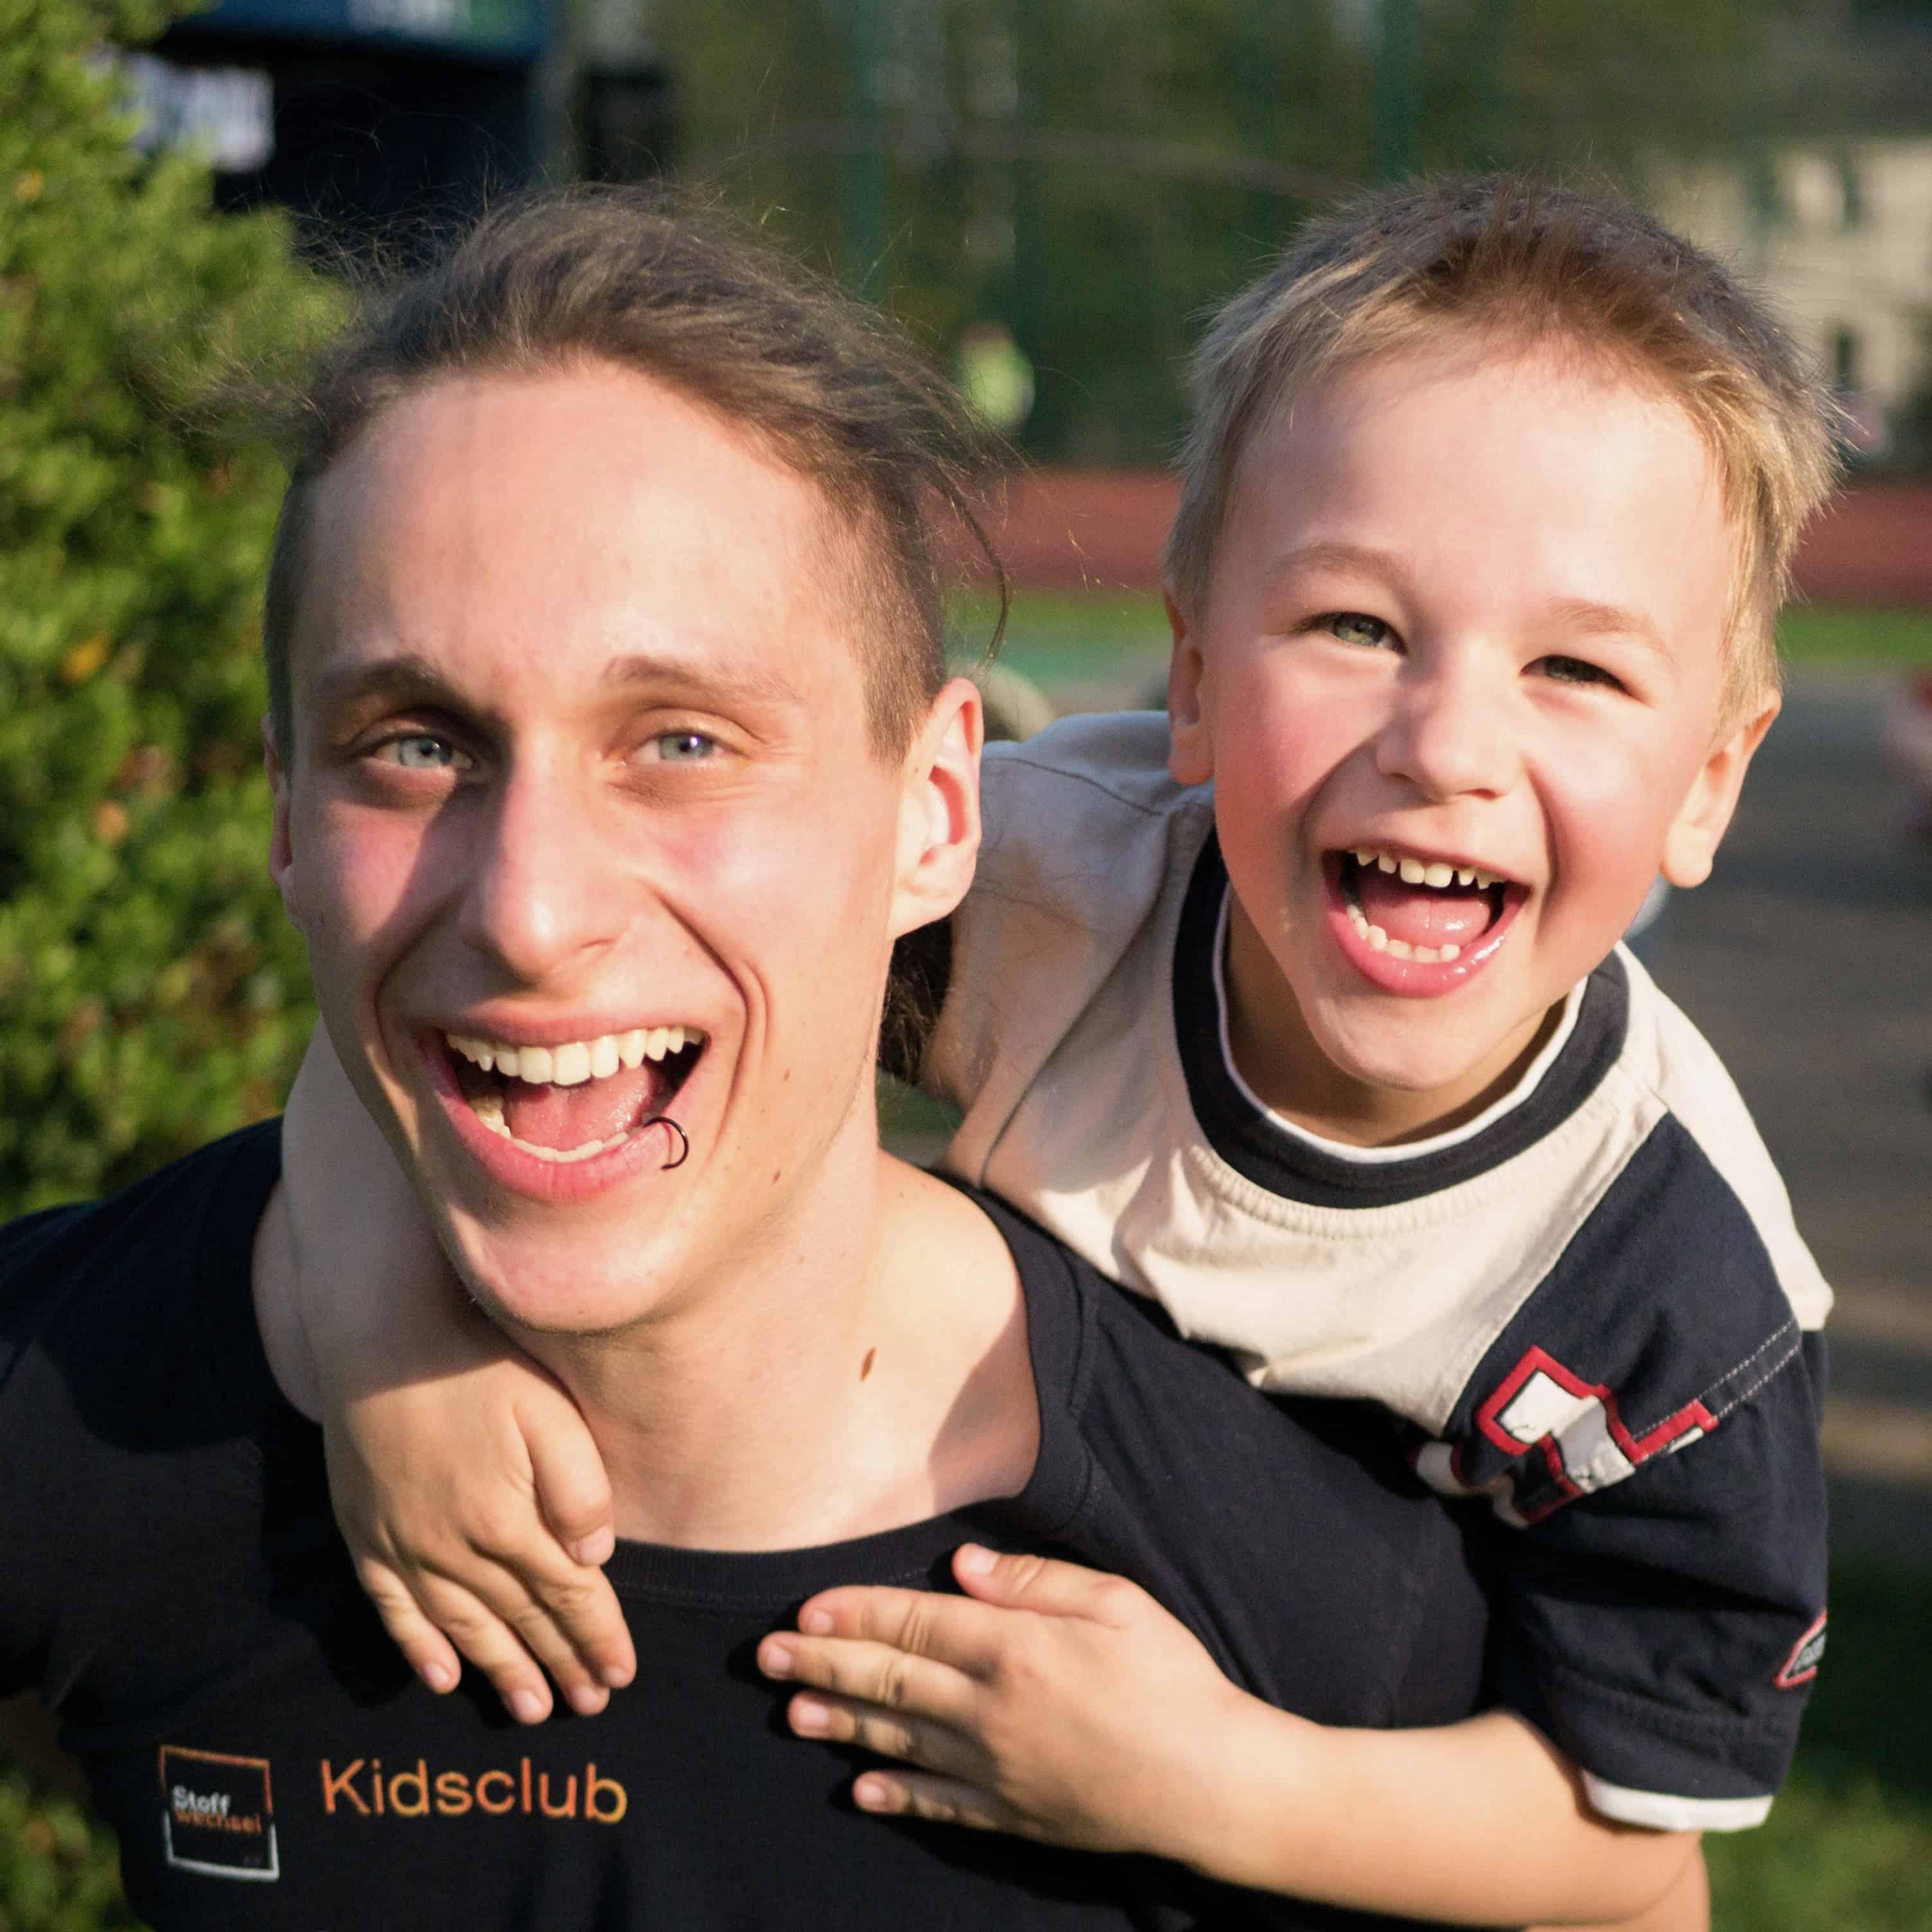 Freiwilligendienst. Ein BFD'ler und ein Kind. Stoffwechsel - BFD bei uns